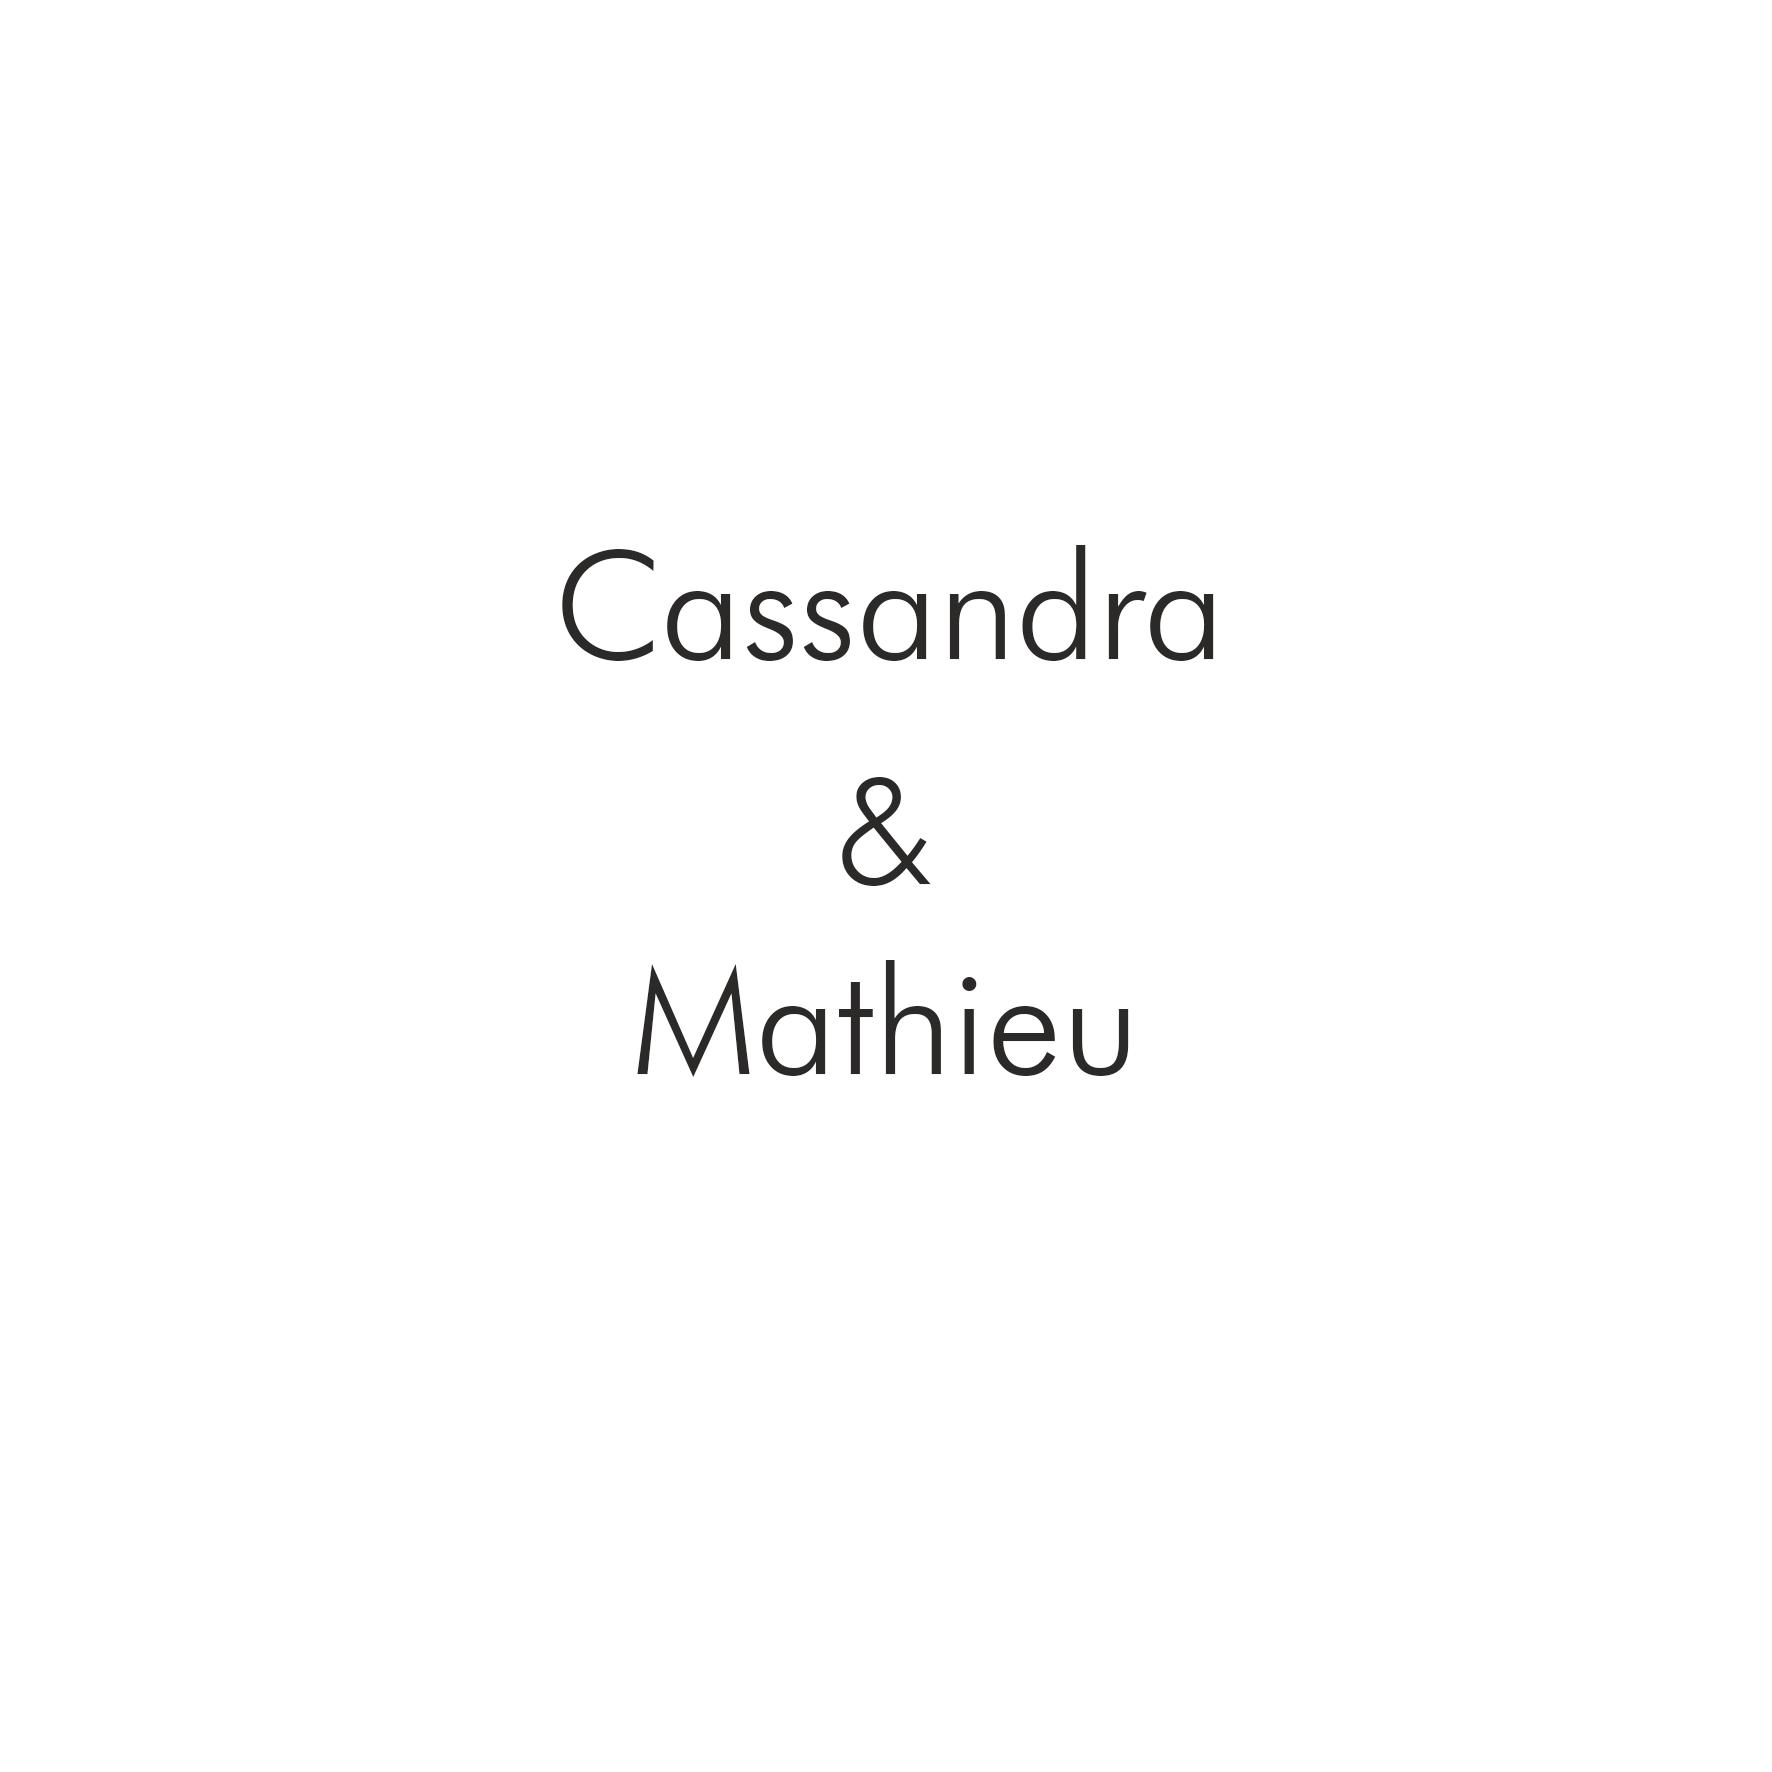 Cassandra & Mathieu.png